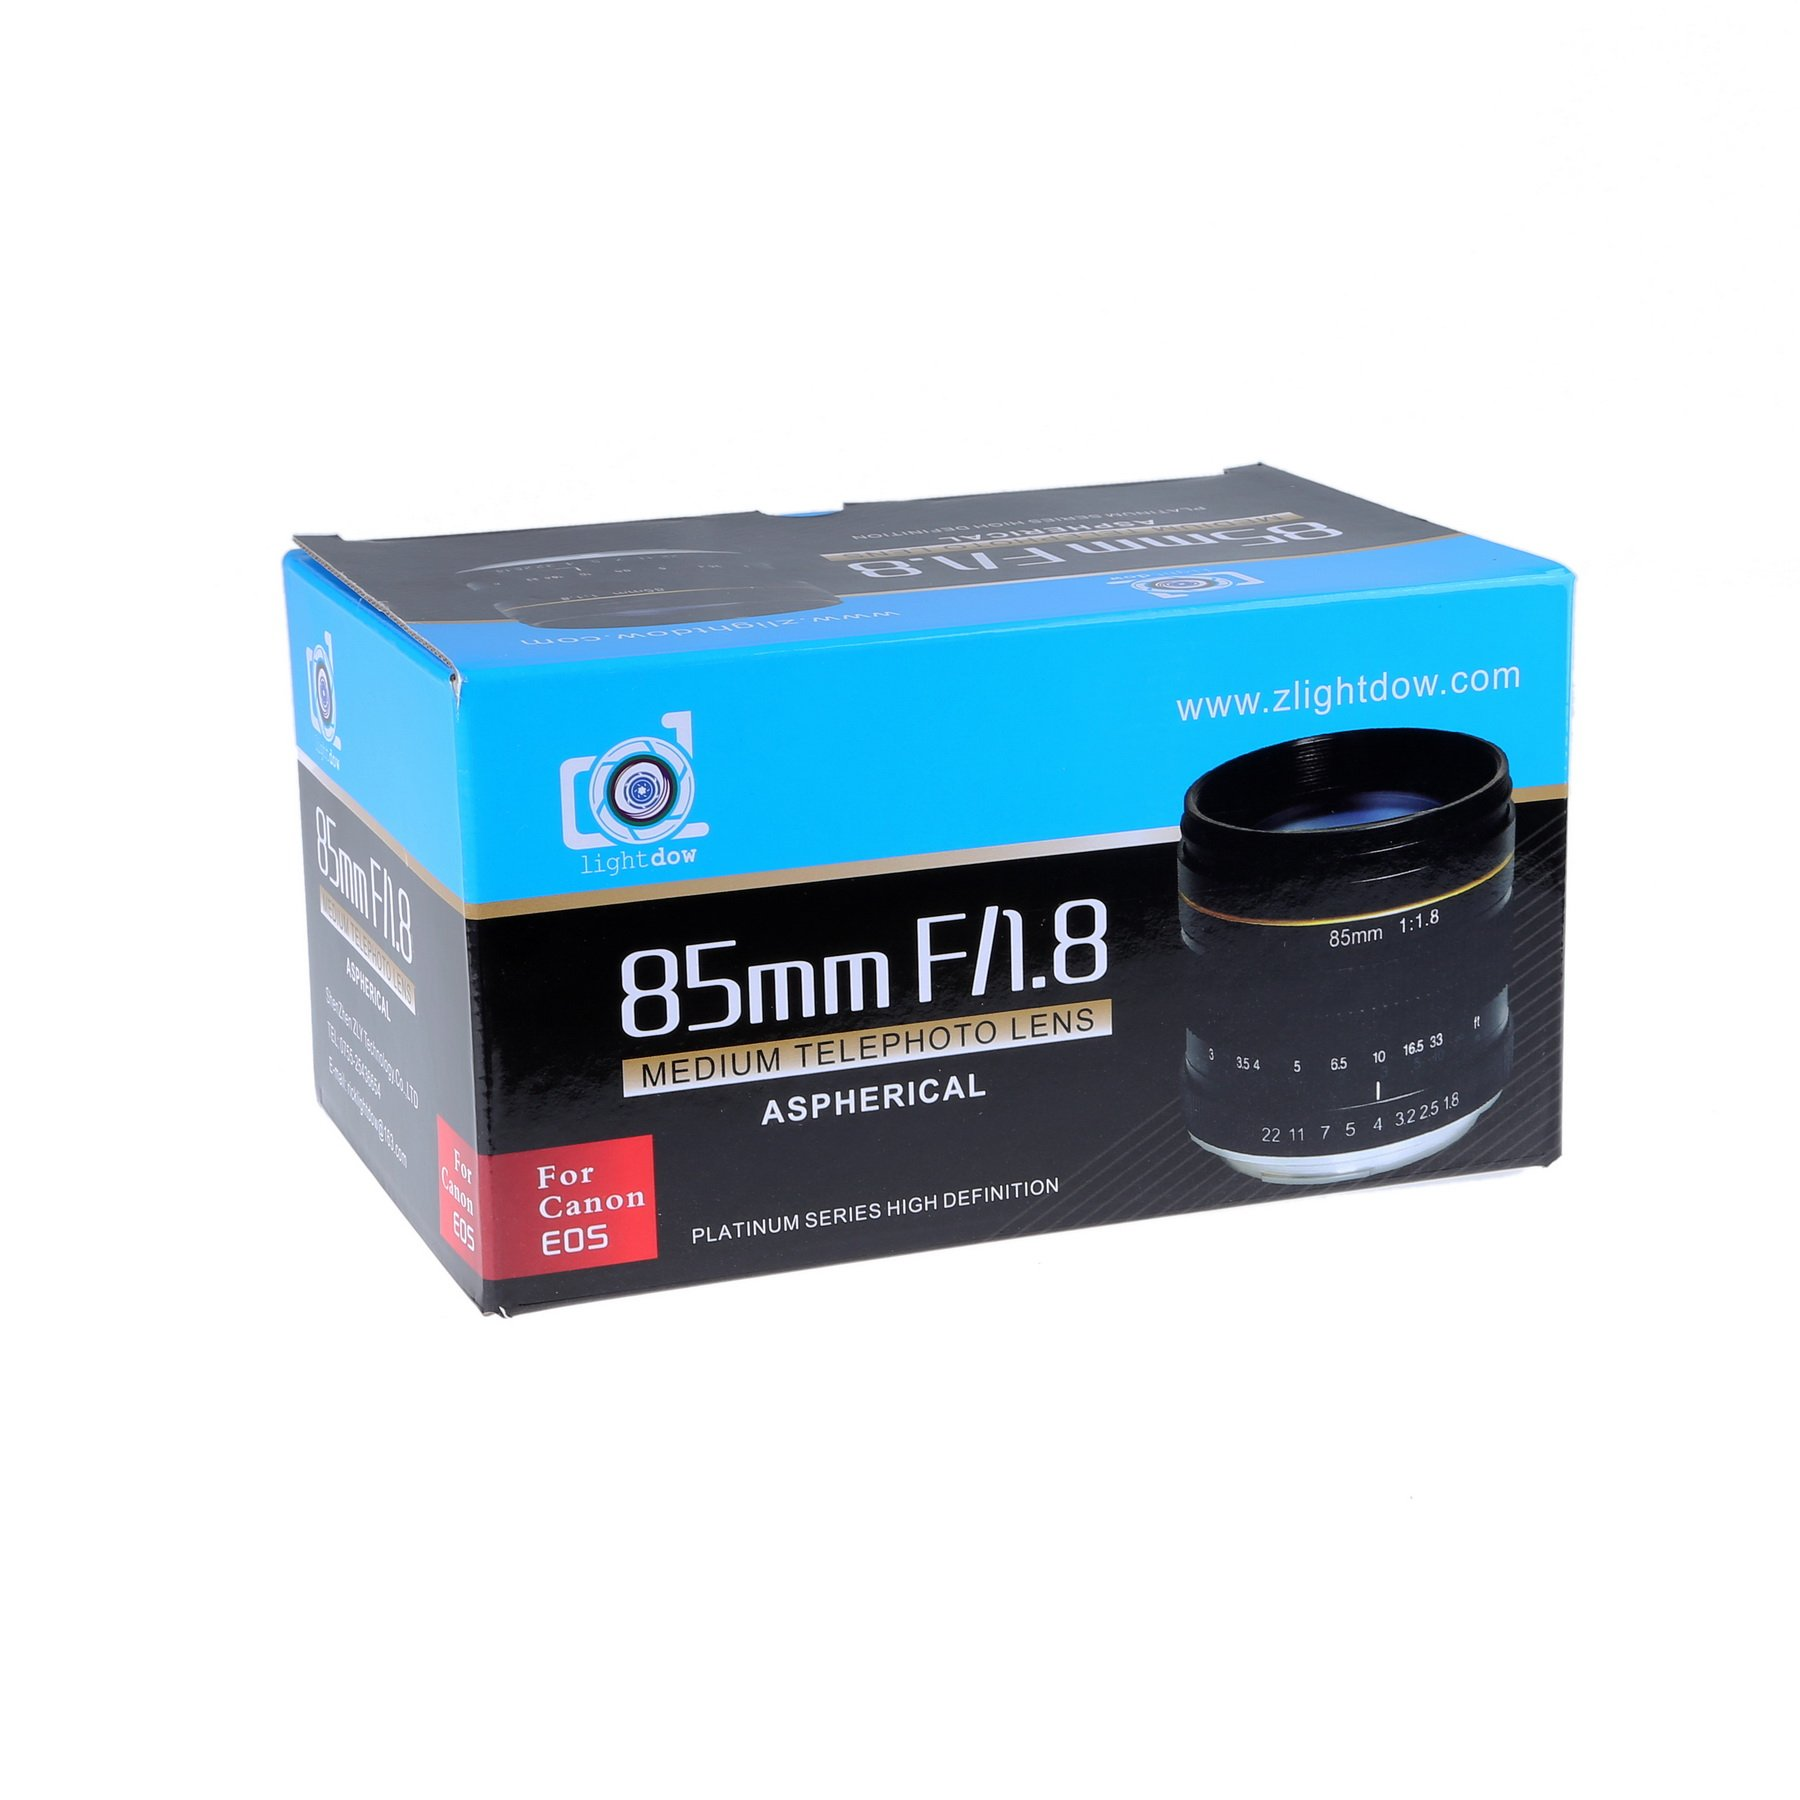 Lightdow 85mm F1.8 Medium Telephoto Manual Focus Full Frame Portrait Lens for Canon EOS Rebel T8i T7i T7 T6 T3i T2i 4000D 2000D 1300D 850D 800D 600D 550D 90D 80D 77D 70D 50D 6D 5D etc